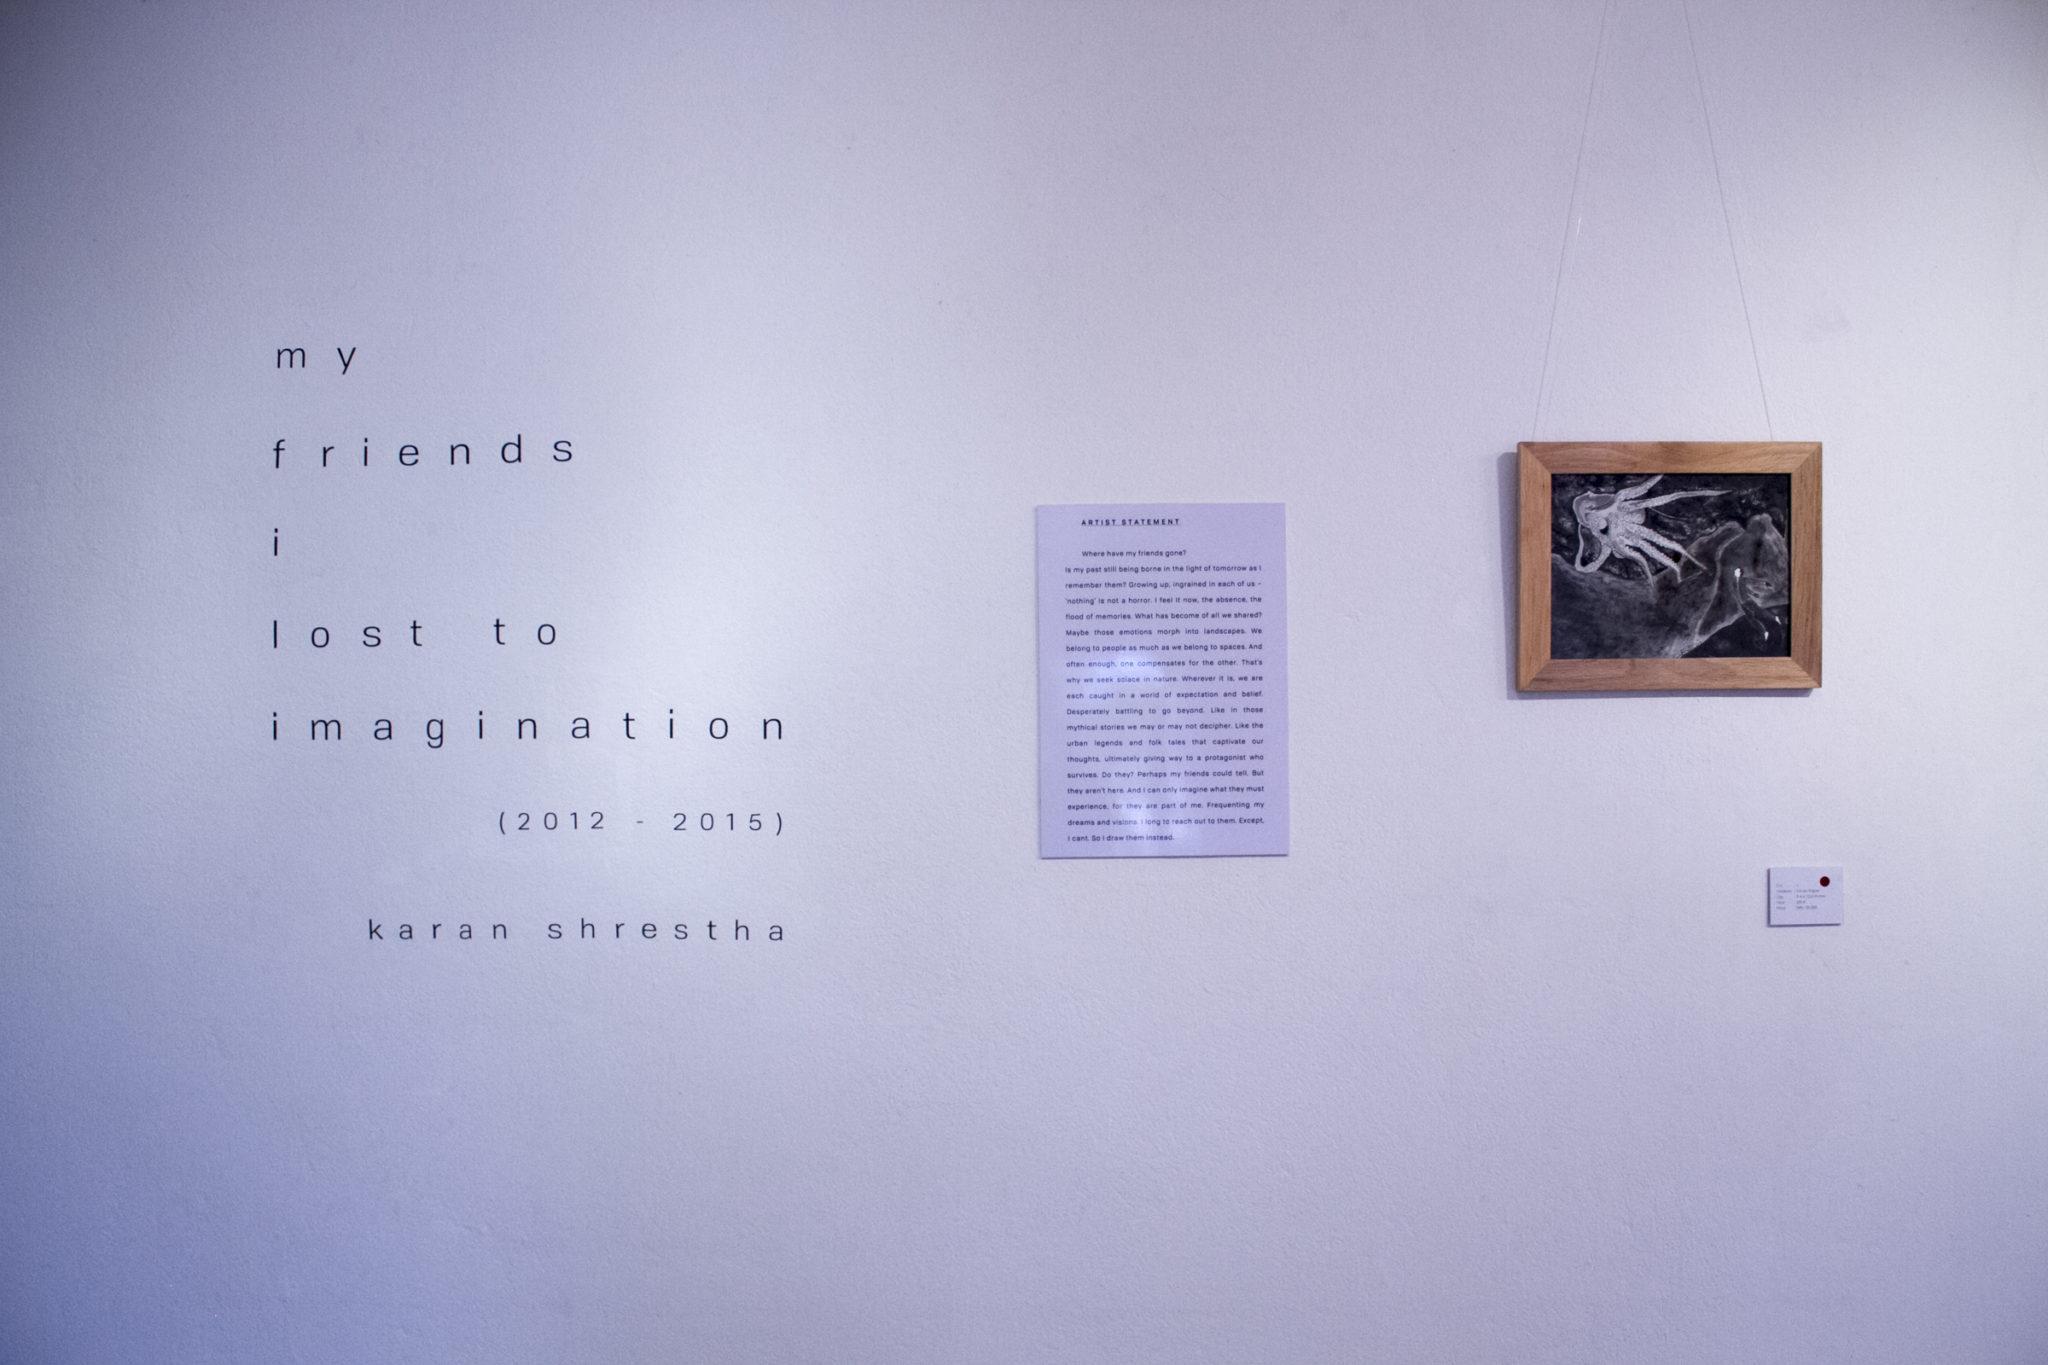 Artudio_Sag Exhibition_2016 (7)